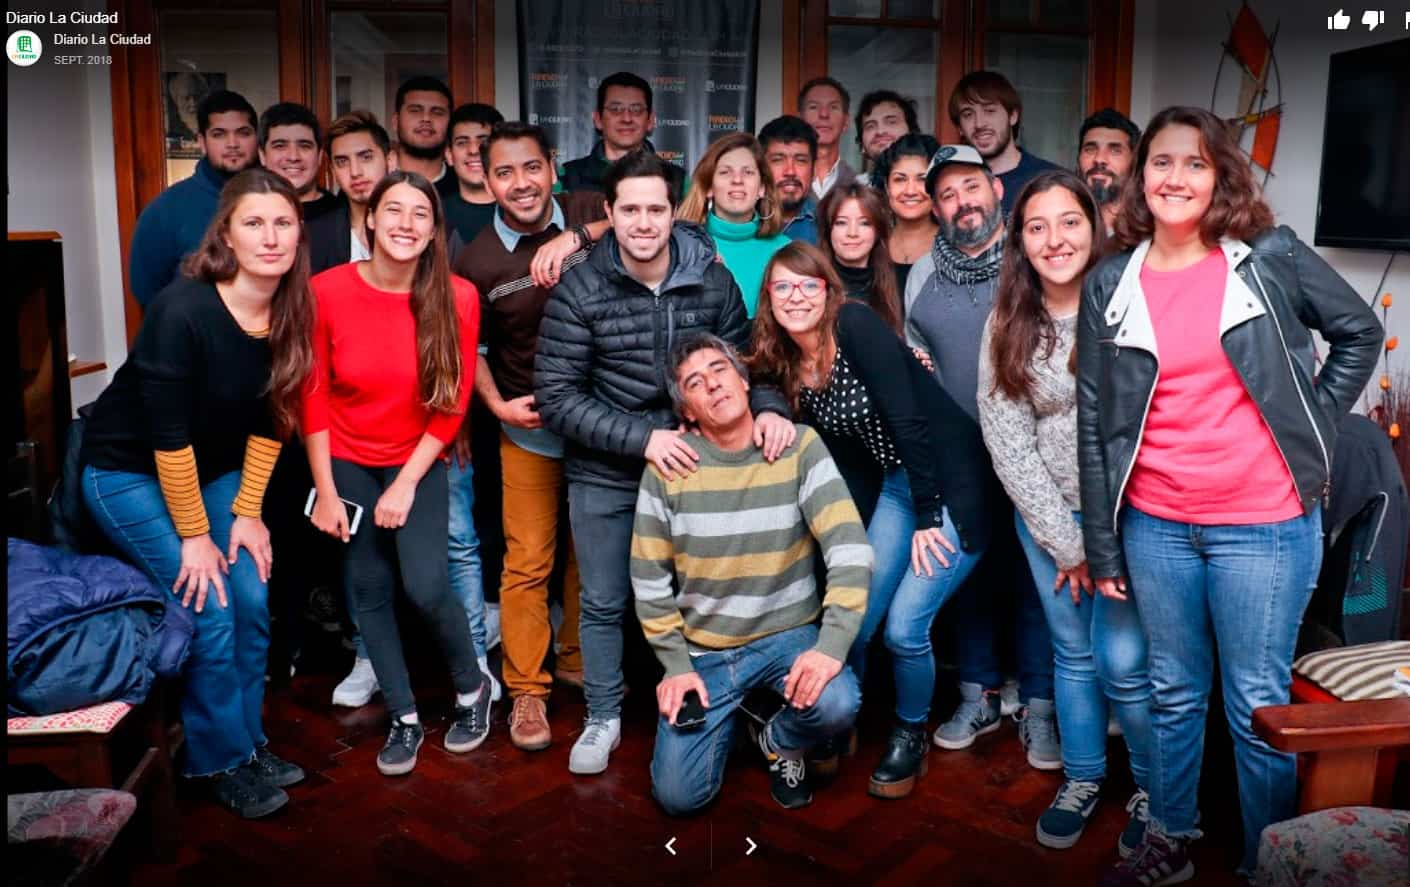 El grupo de medios de La Ciudad cierra el año lider en lectores y oyentes